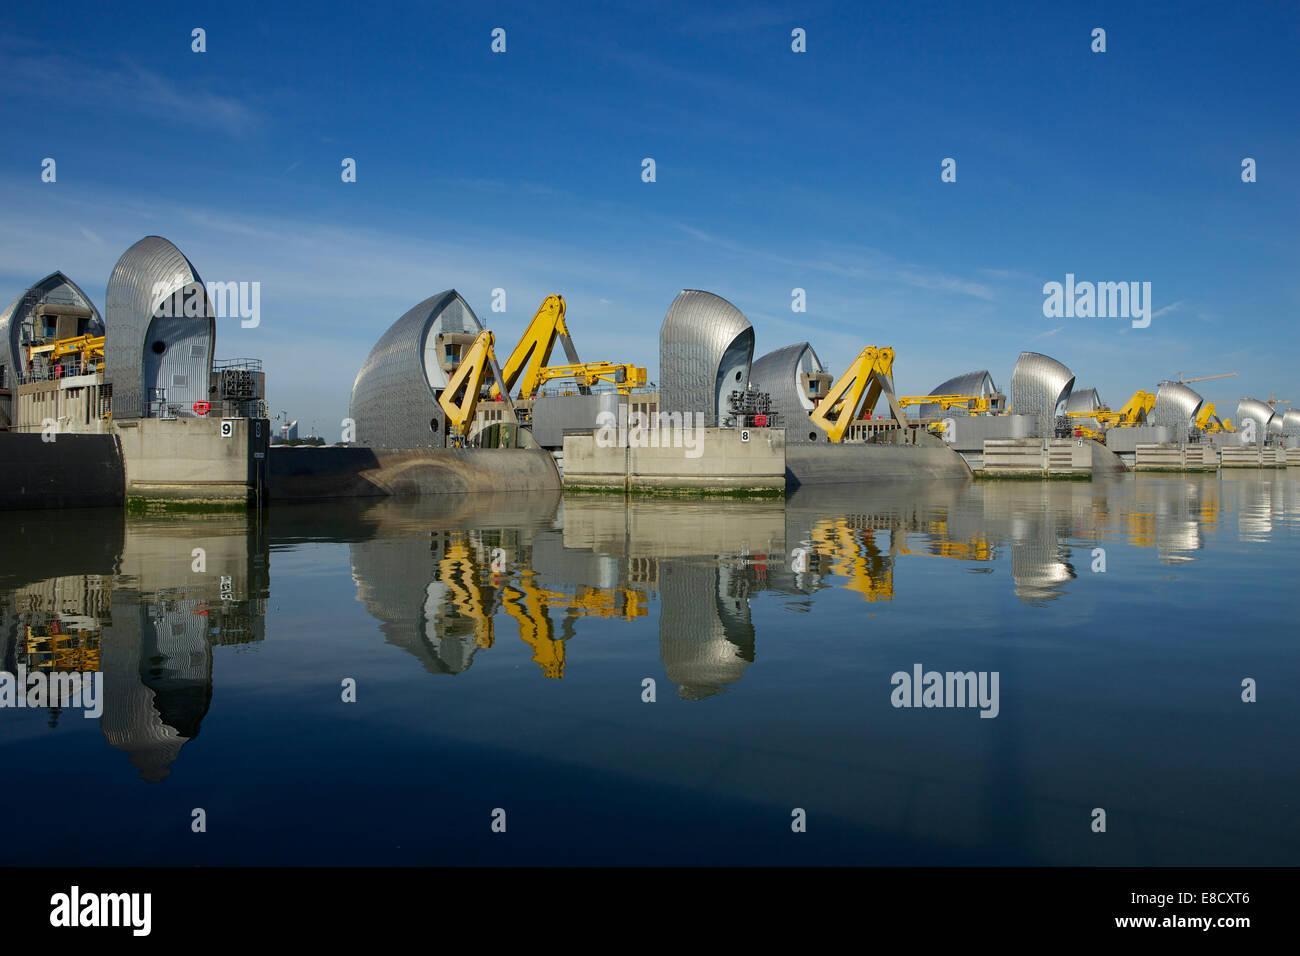 Woolwich, London, UK. 5. Oktober 2014. Die Thames Barrier Betriebsferien und 30. Jahrestag seit der Eröffnung Stockbild